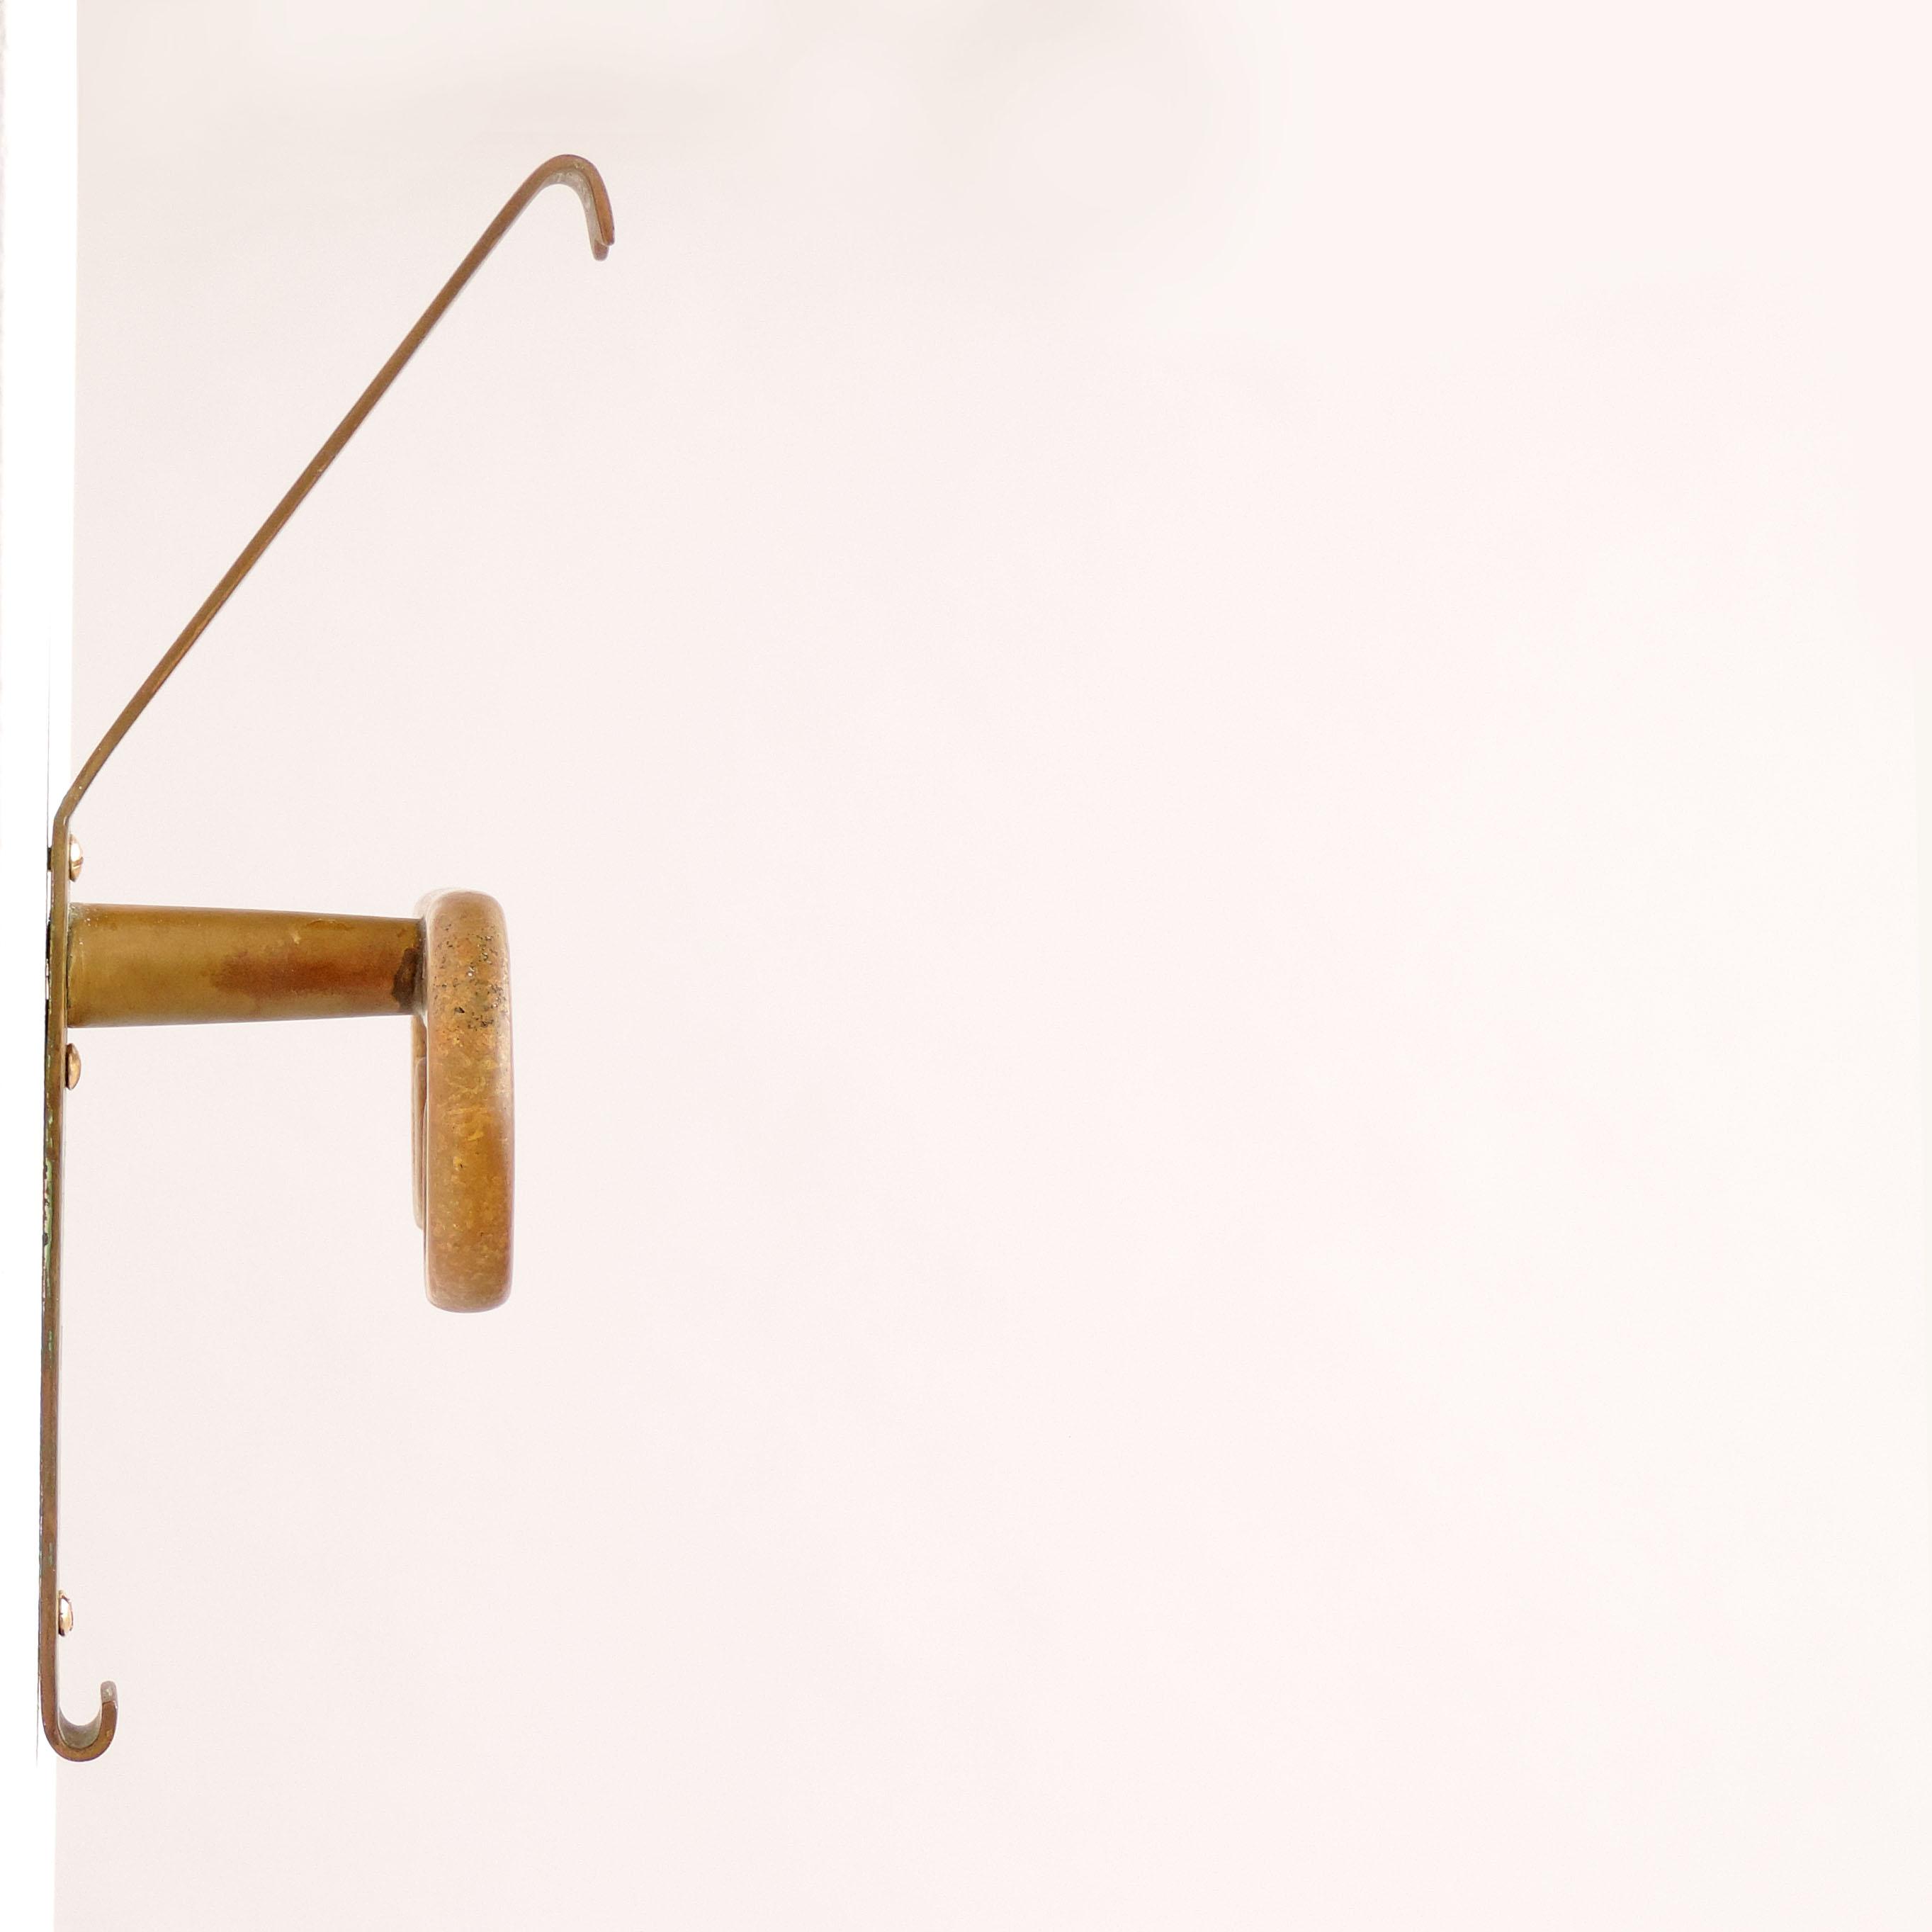 Splendid Sculptural Italian Brass Coat Hangers